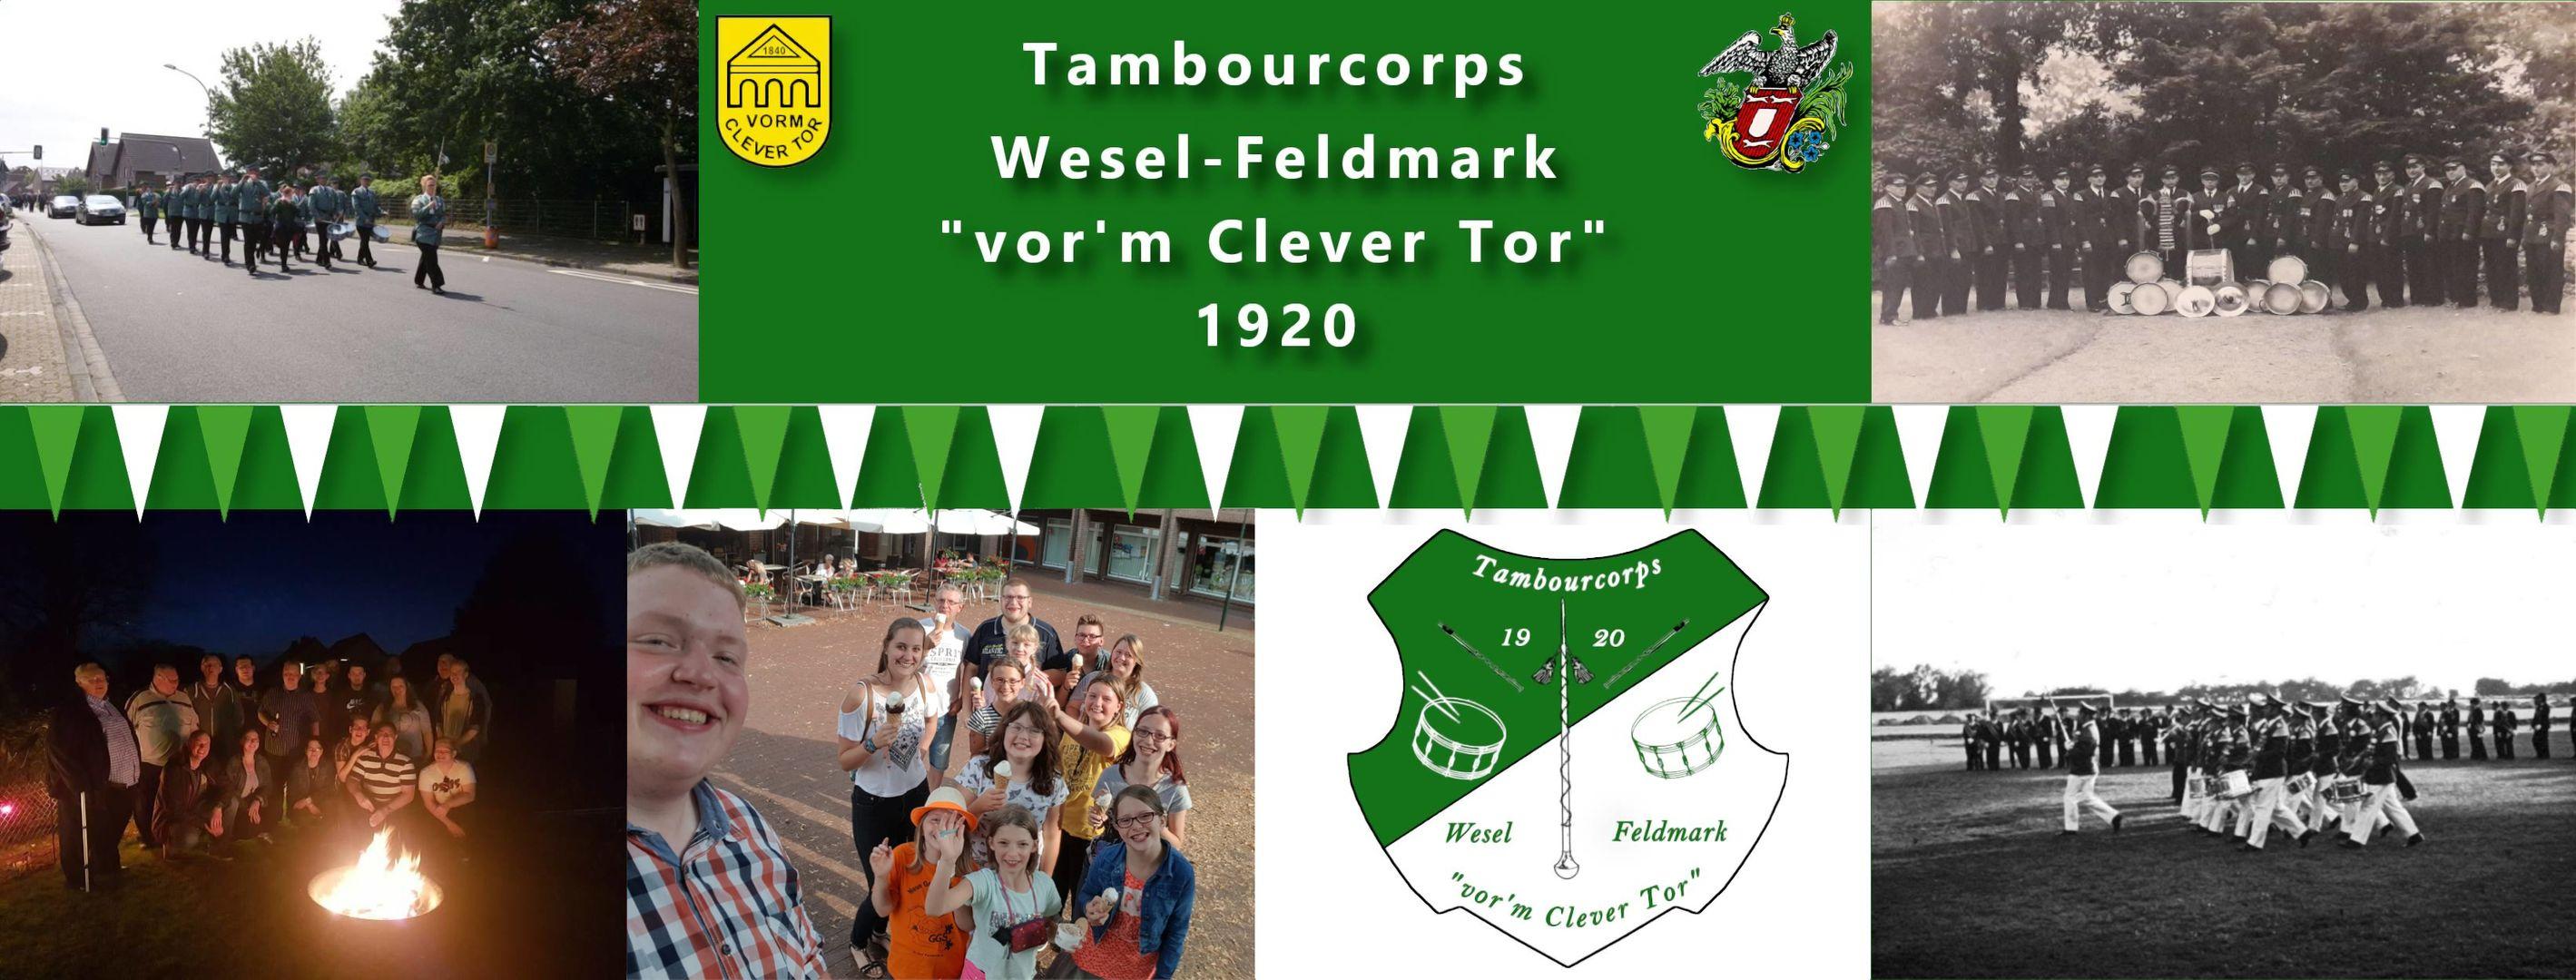 Instagram | Tambourcorps Wesel-Feldmark vor'm Clever Tor 1920